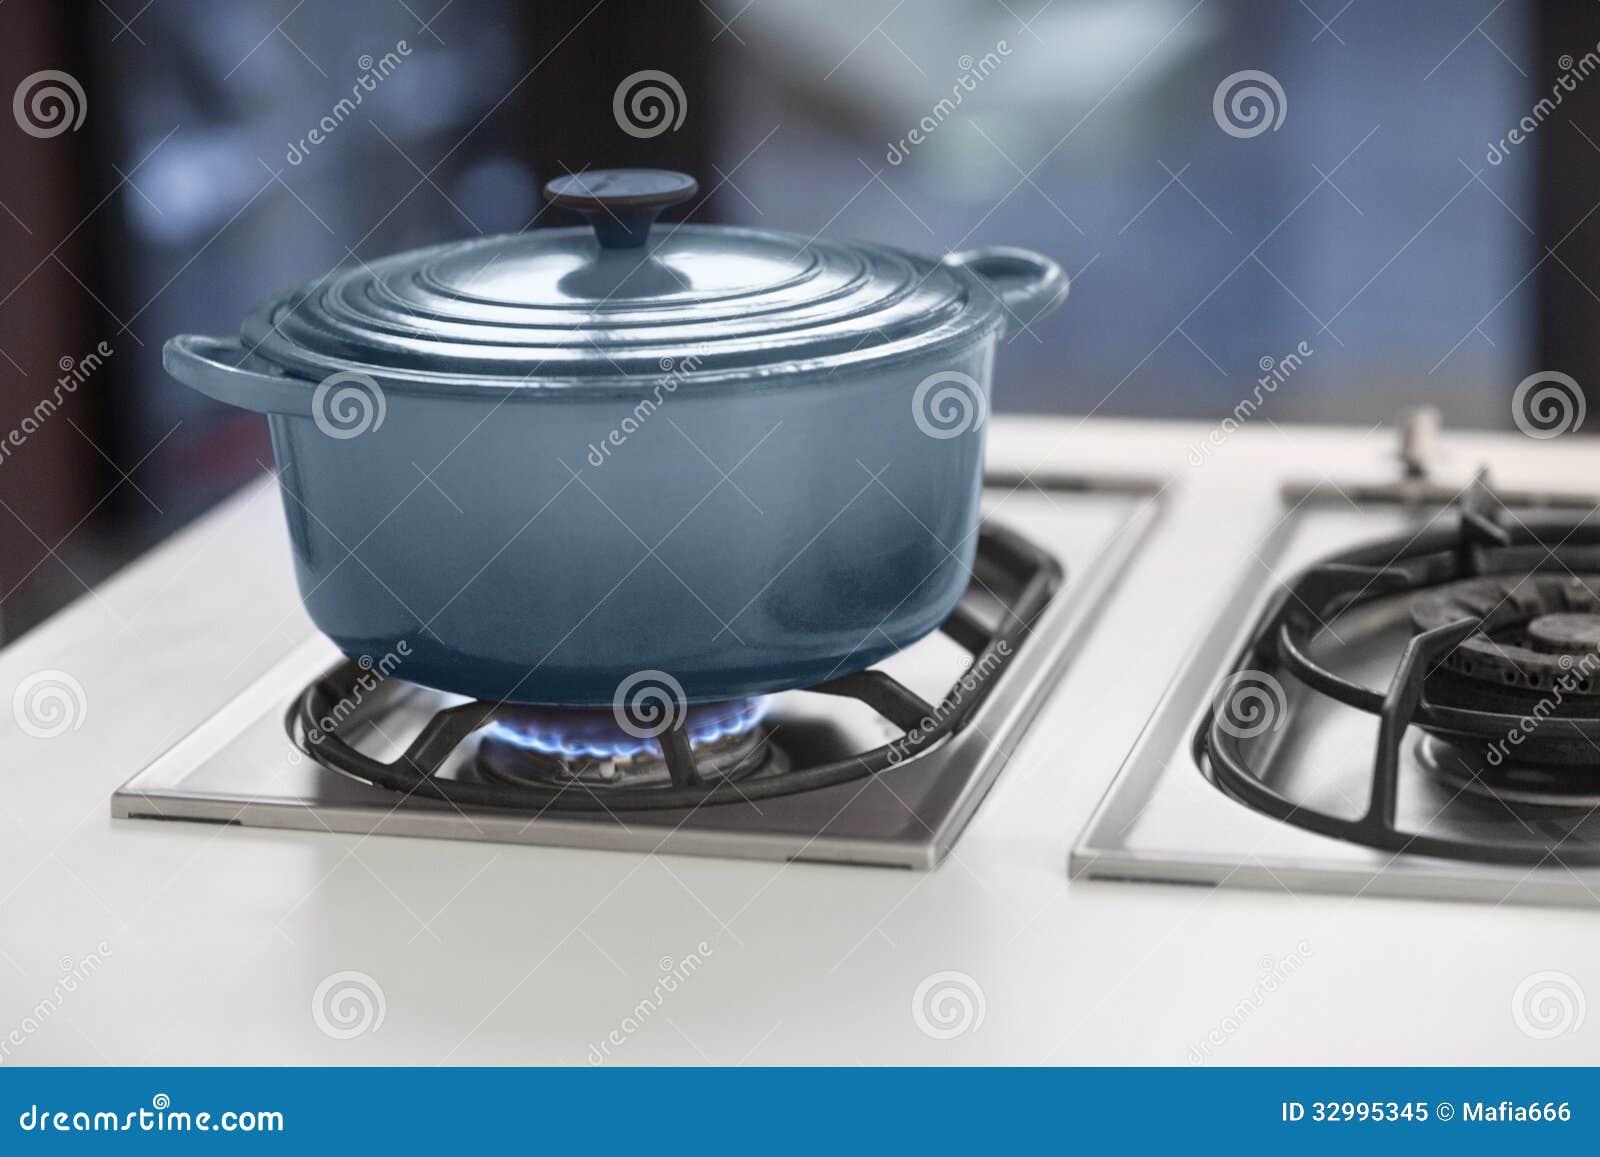 Pote azul en una estufa de gas foto de archivo libre de - Estufa calor azul ...